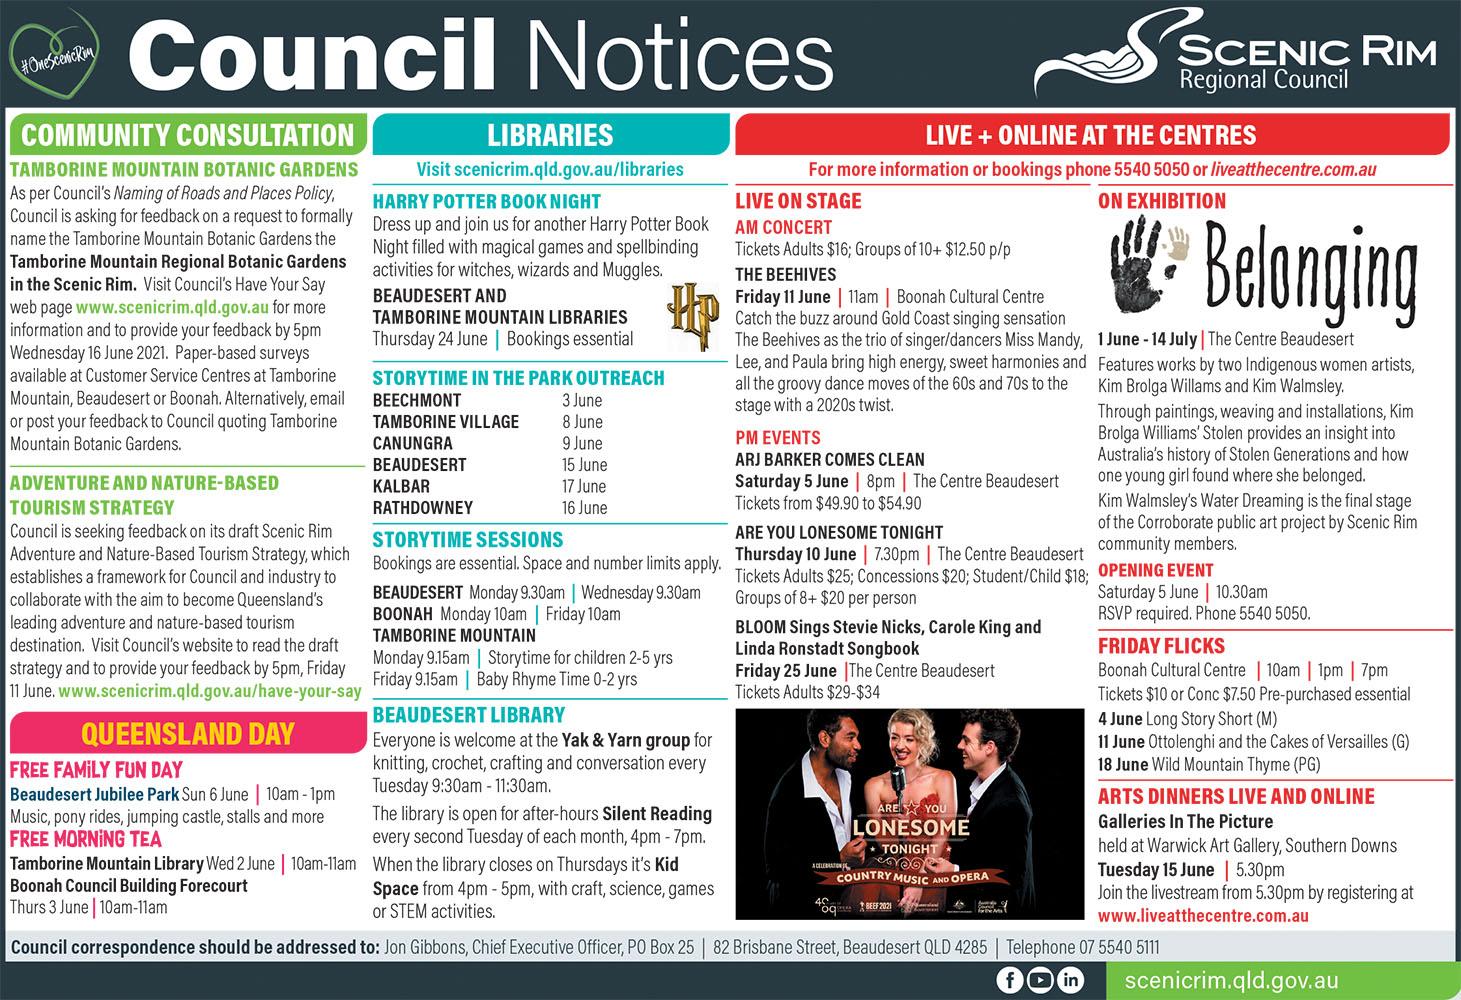 Scenic Rim Regional Council Notices - June 2021